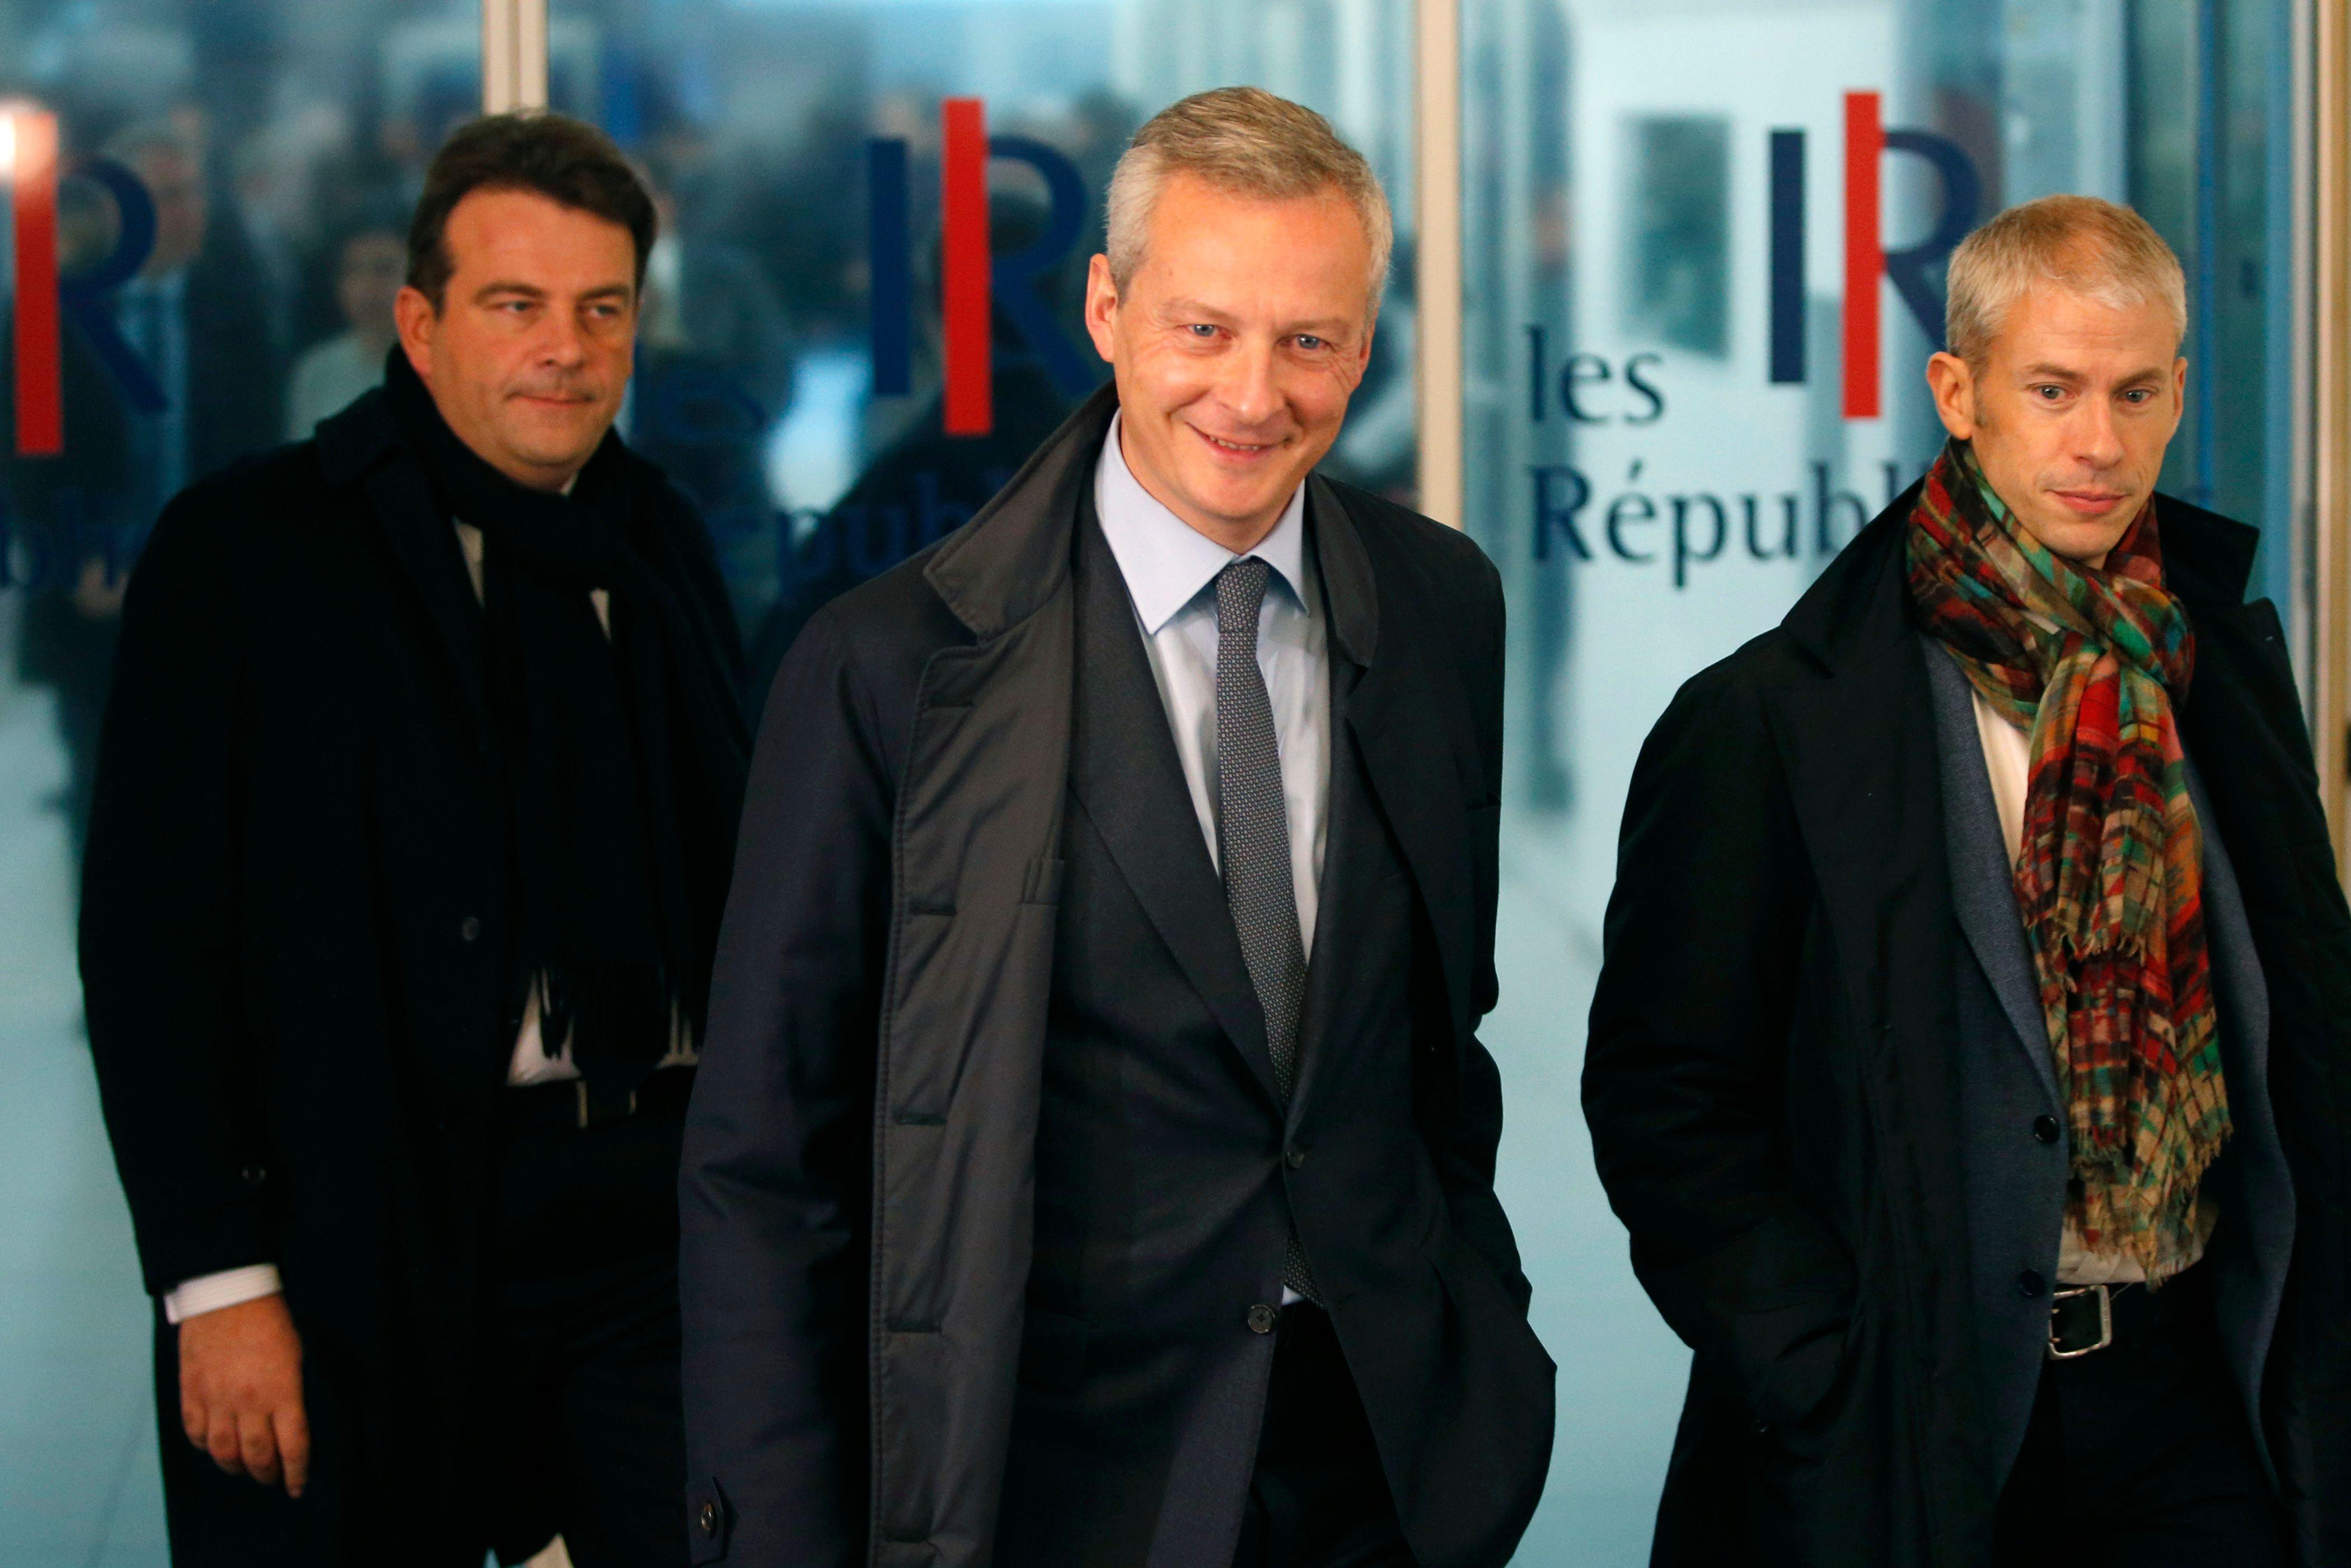 Et un nouveau candidat à la primaire : Bruno Le Maire secoue-t-il la droite ou uniquement ses concurrents ?